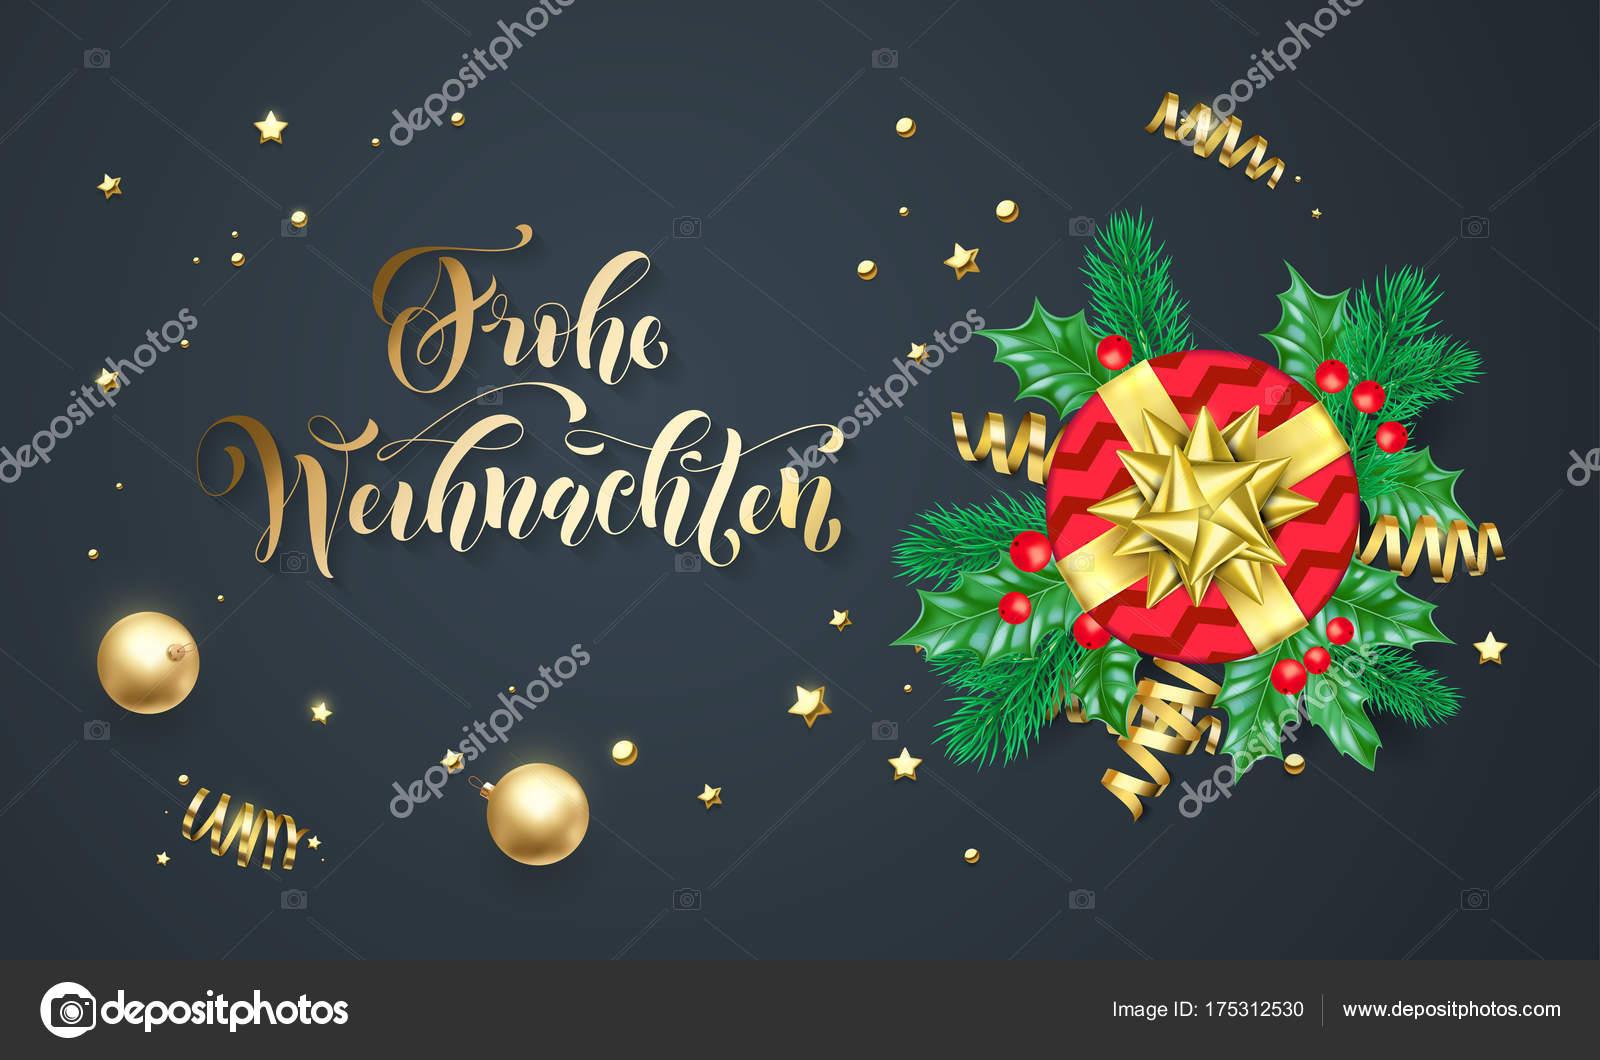 Cartoline Di Auguri Di Natale.Frohe Weihnachten Tedesco Buon Natale Dorato Oro E Calligrafia